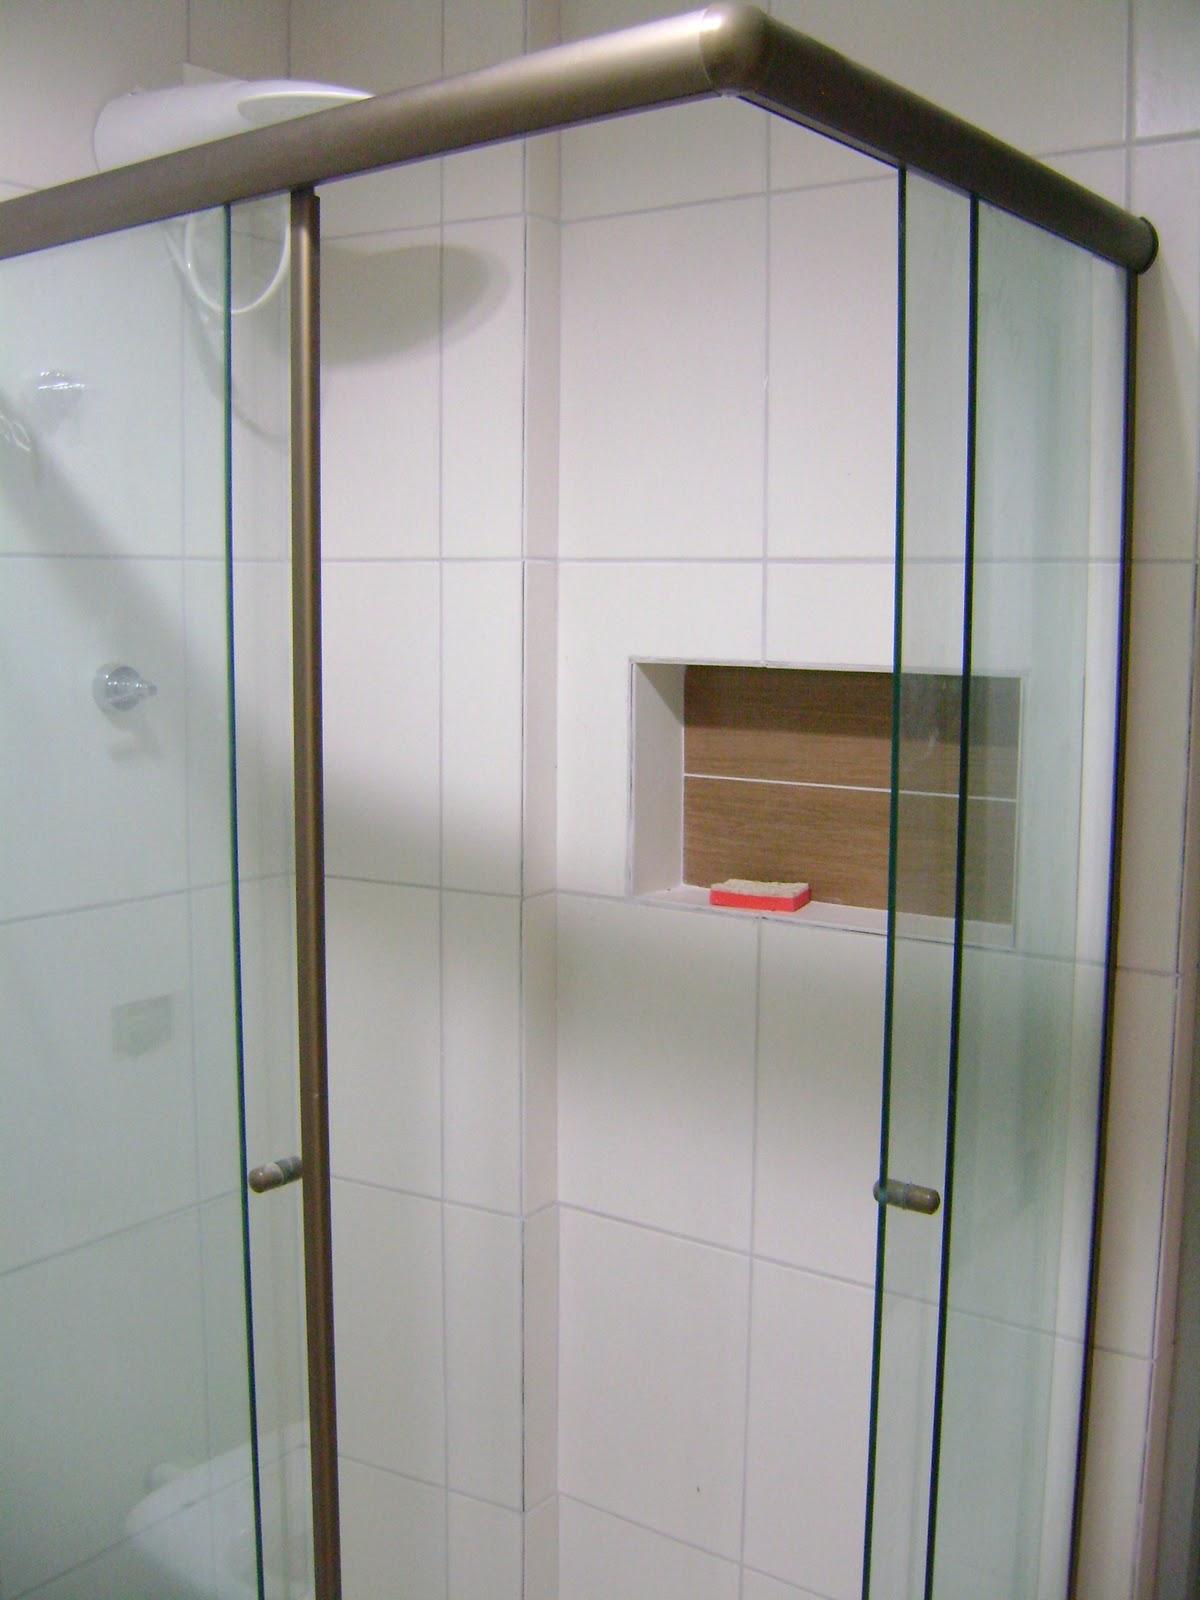 transparente um nicho pra lá de fofo e um chuveiro master massa #5D4D39 1200x1600 Antes E Depois De Um Banheiro